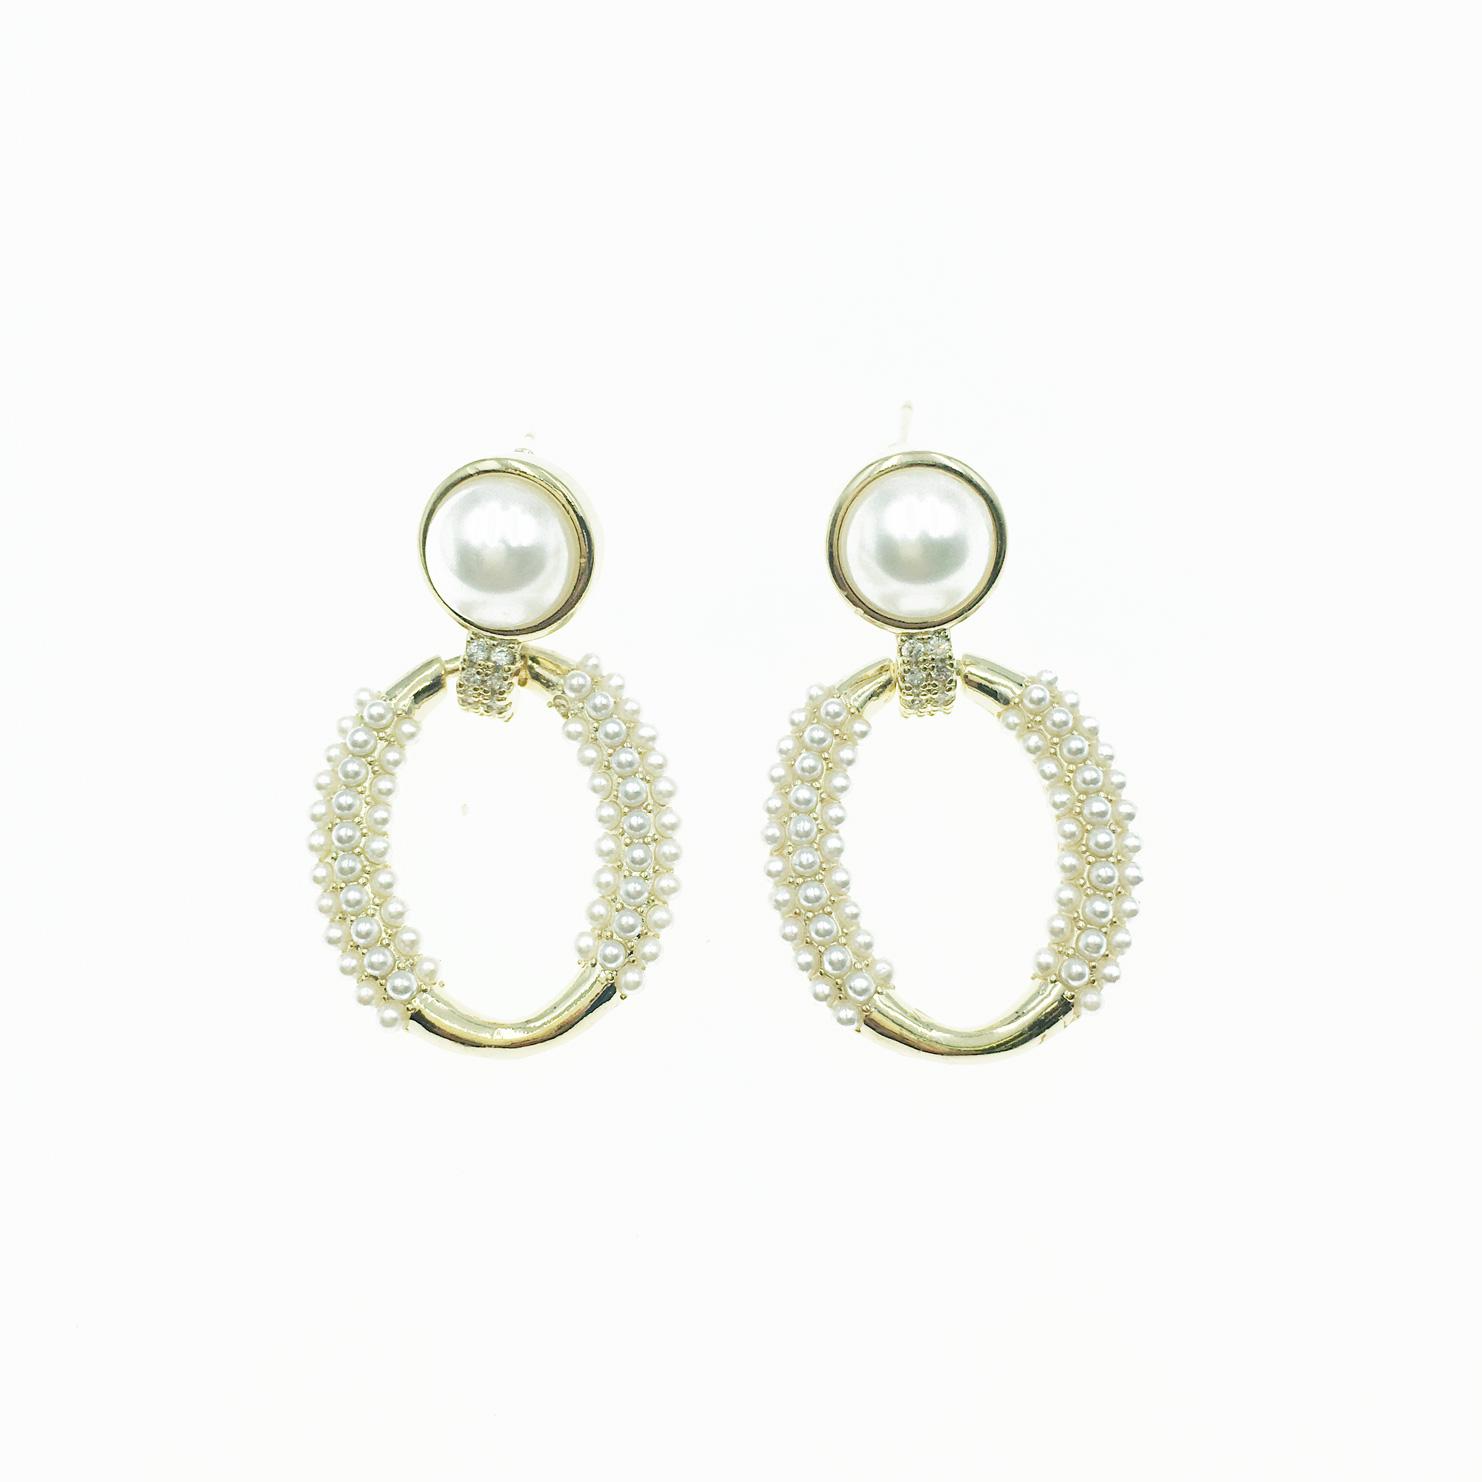 韓國 925純銀 珍珠 圓形 圓圈 橢圓 垂墜 耳針式 耳環